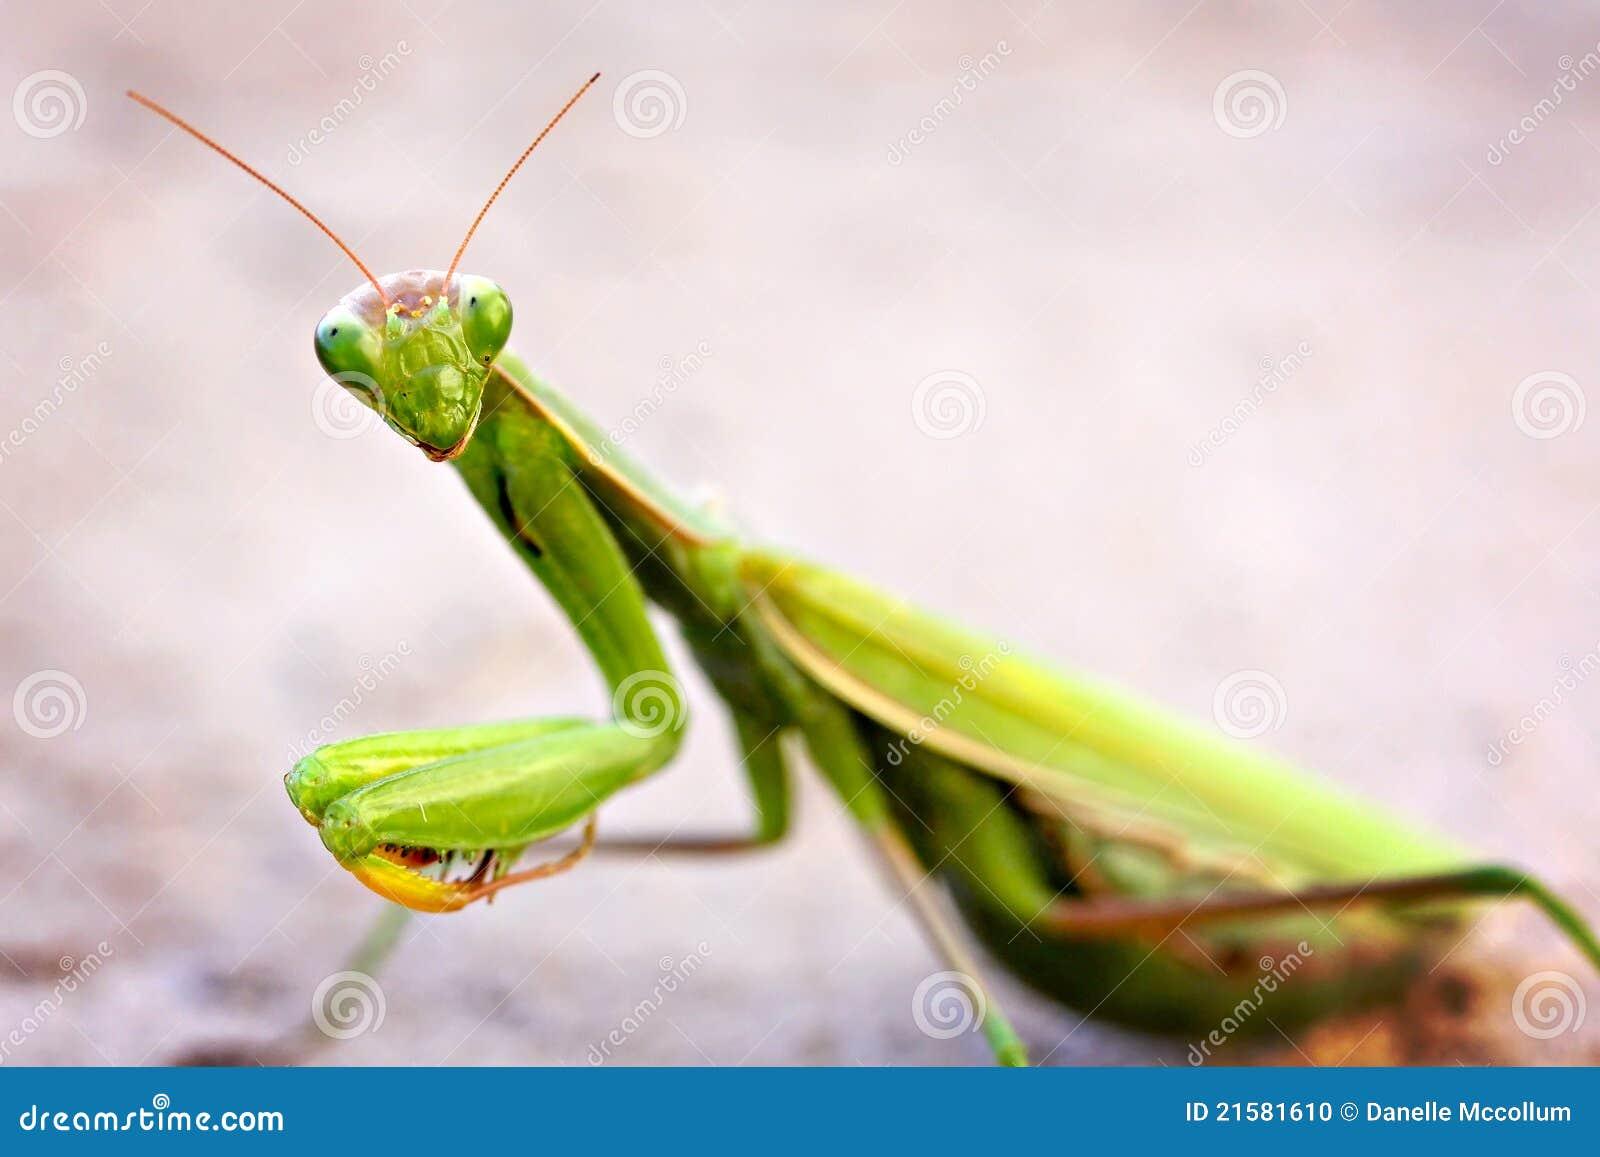 Praying Mantis Stock Photo - Image: 21581610